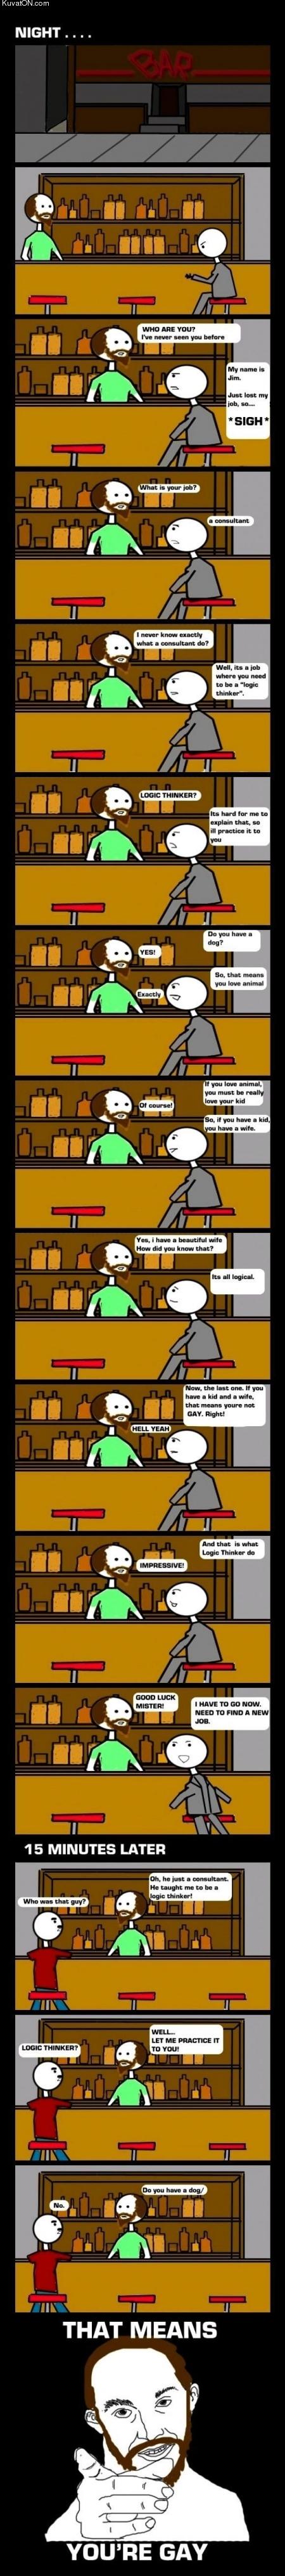 logic_thinker_comic